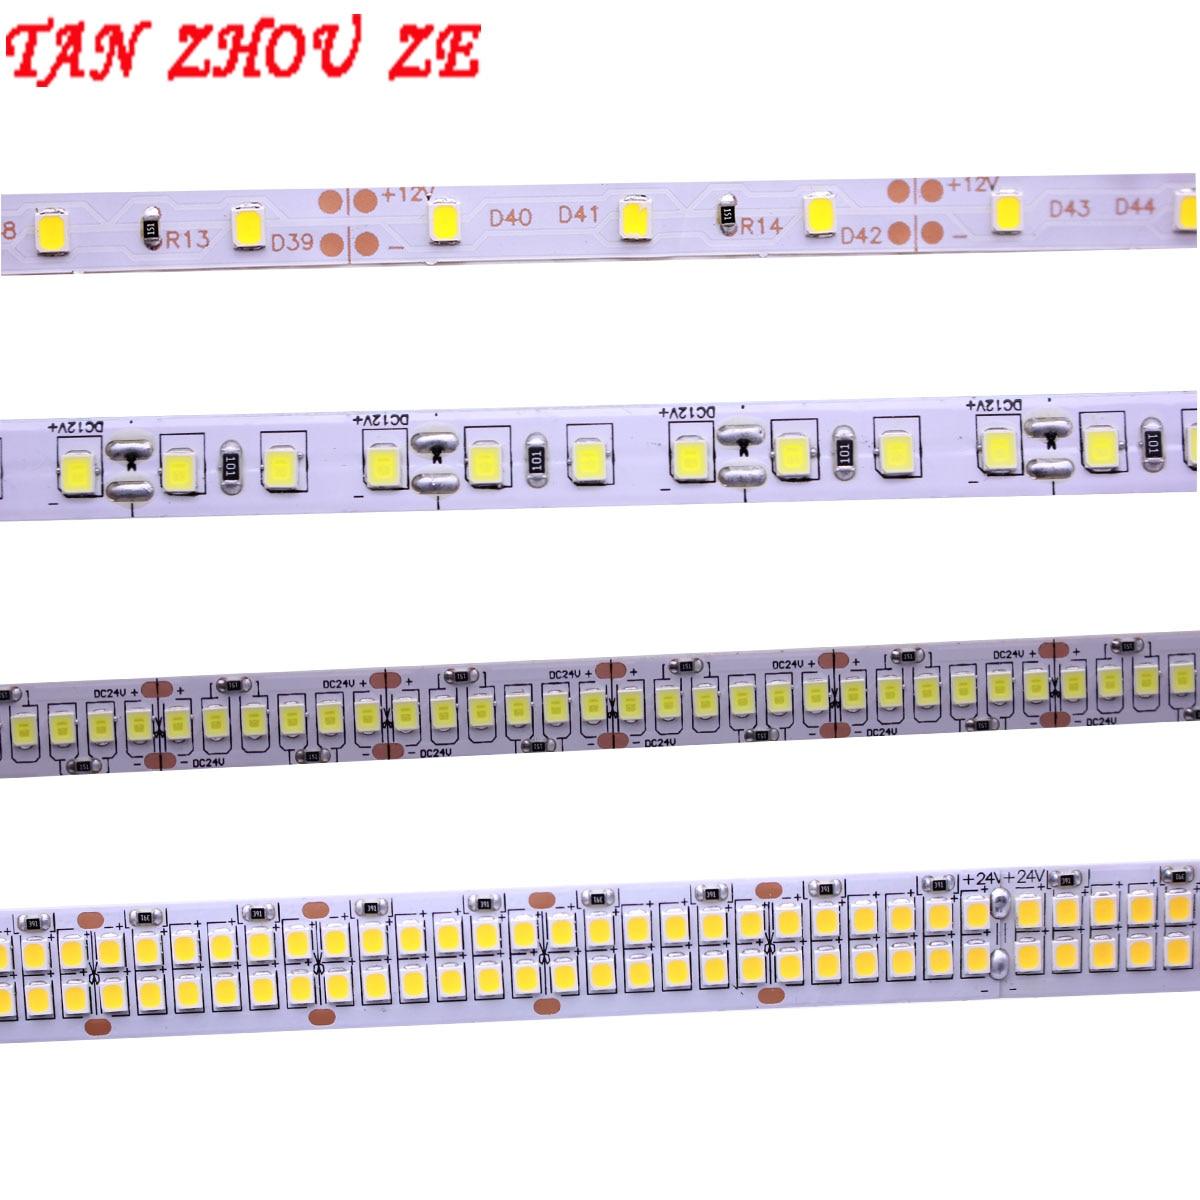 Tira de led, alto brilhante, flexível, 2835 smd, 240leds/m, 5m, 300/600/1200 leds, dc12v fita de fita luz branco quente/frio